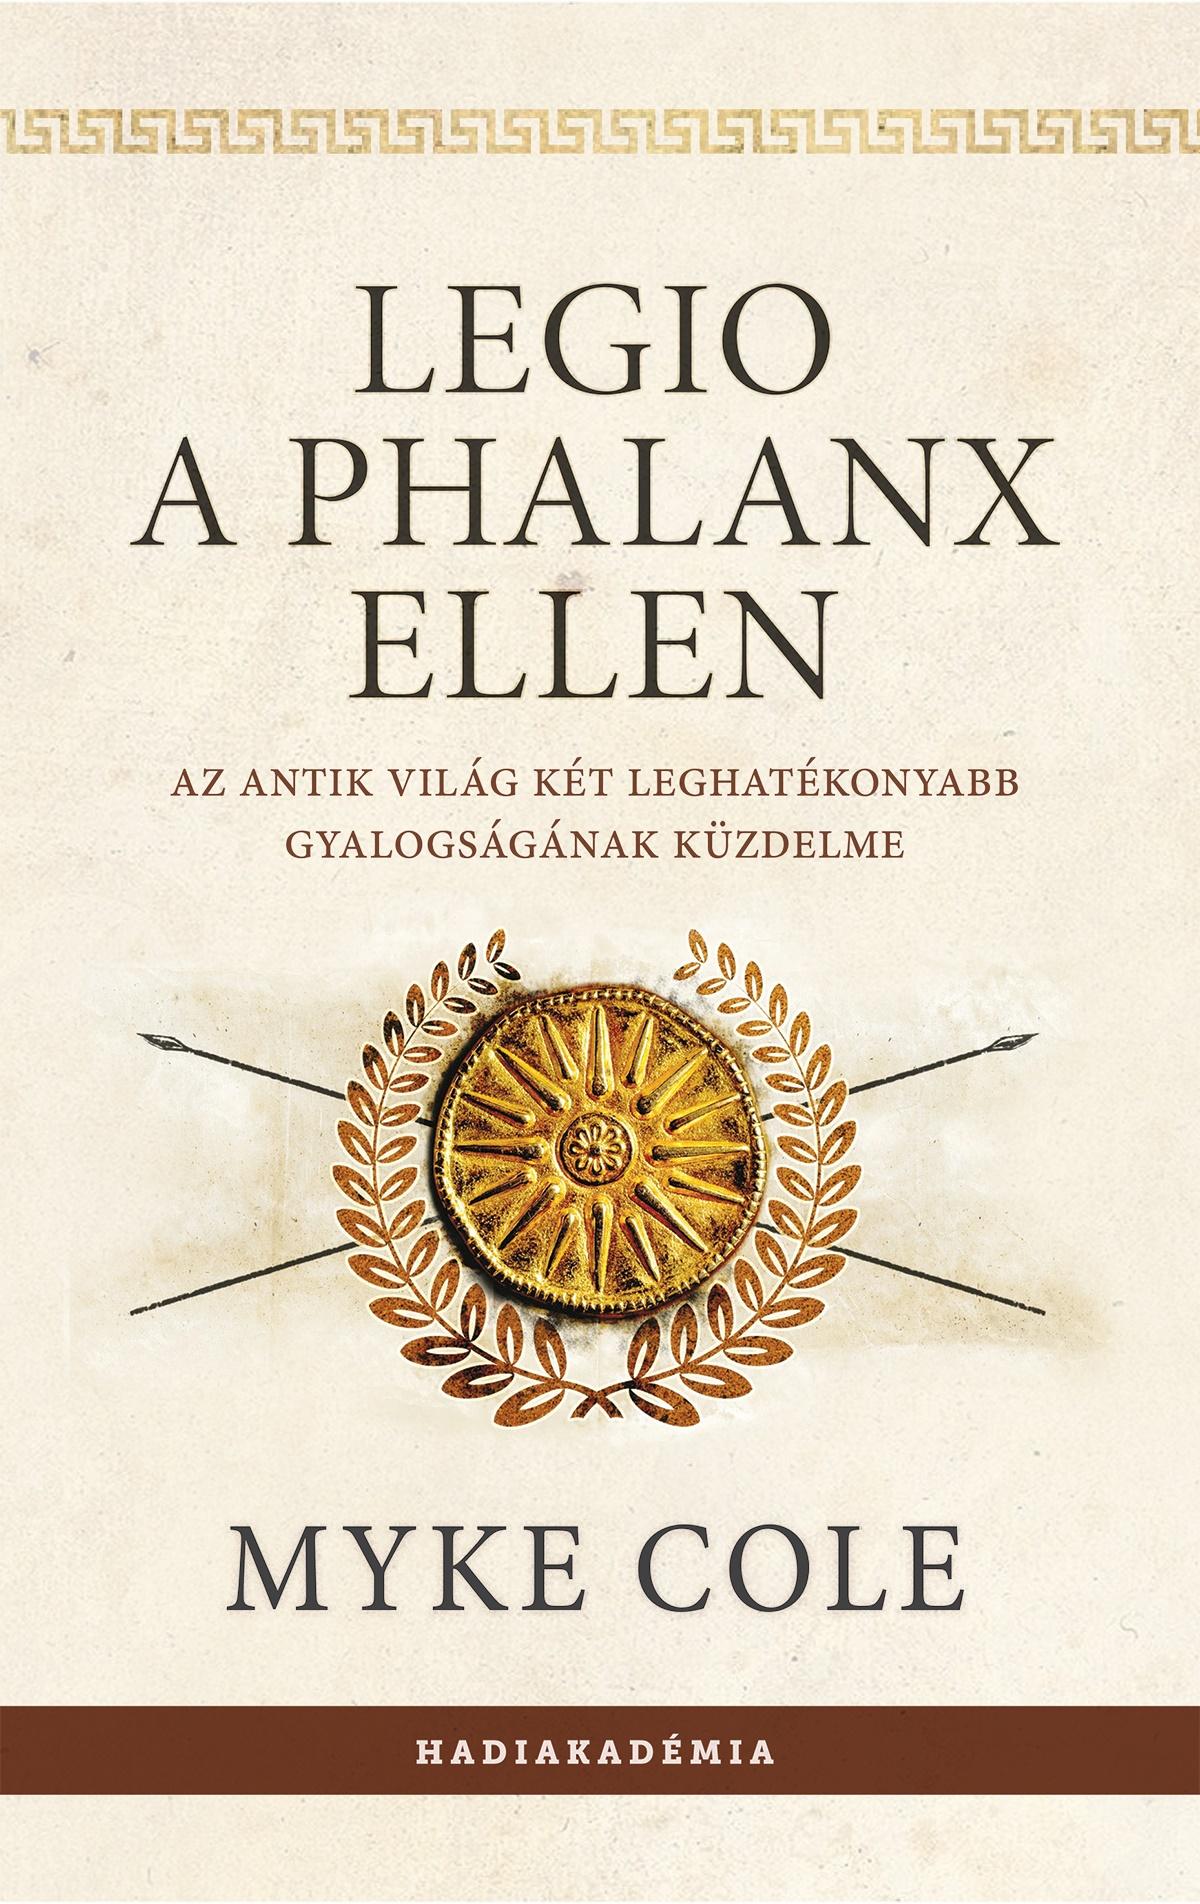 A legio a phalanx ellen